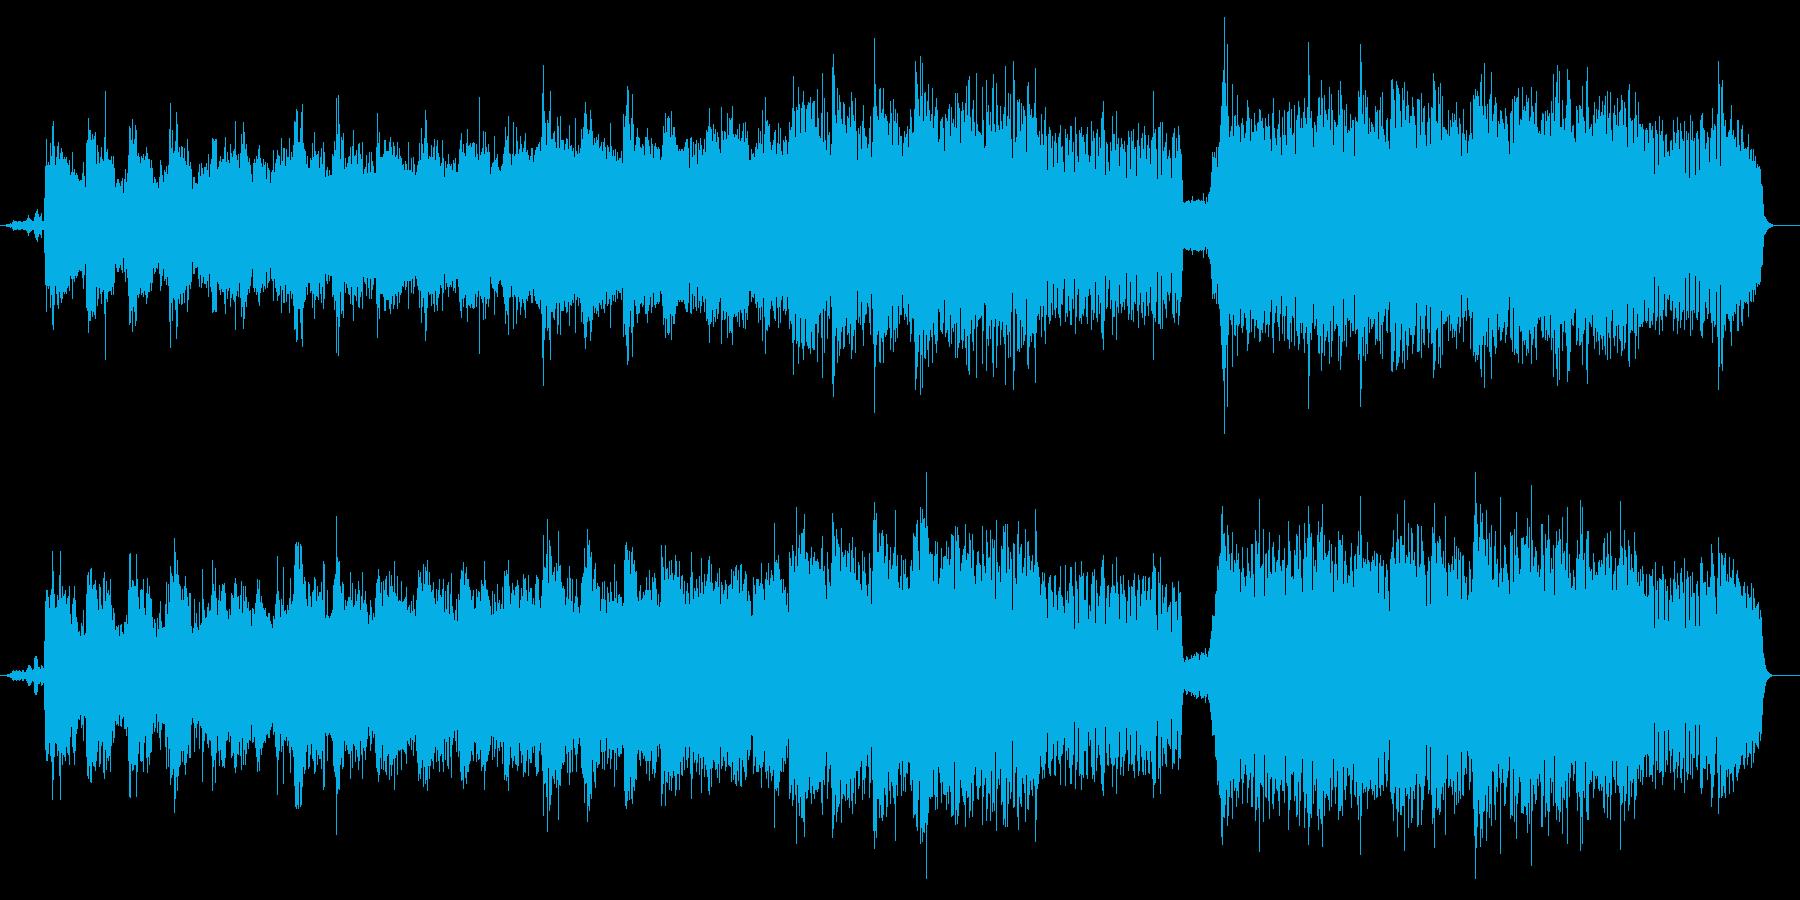 熱砂(ヒート・アイランド)の再生済みの波形